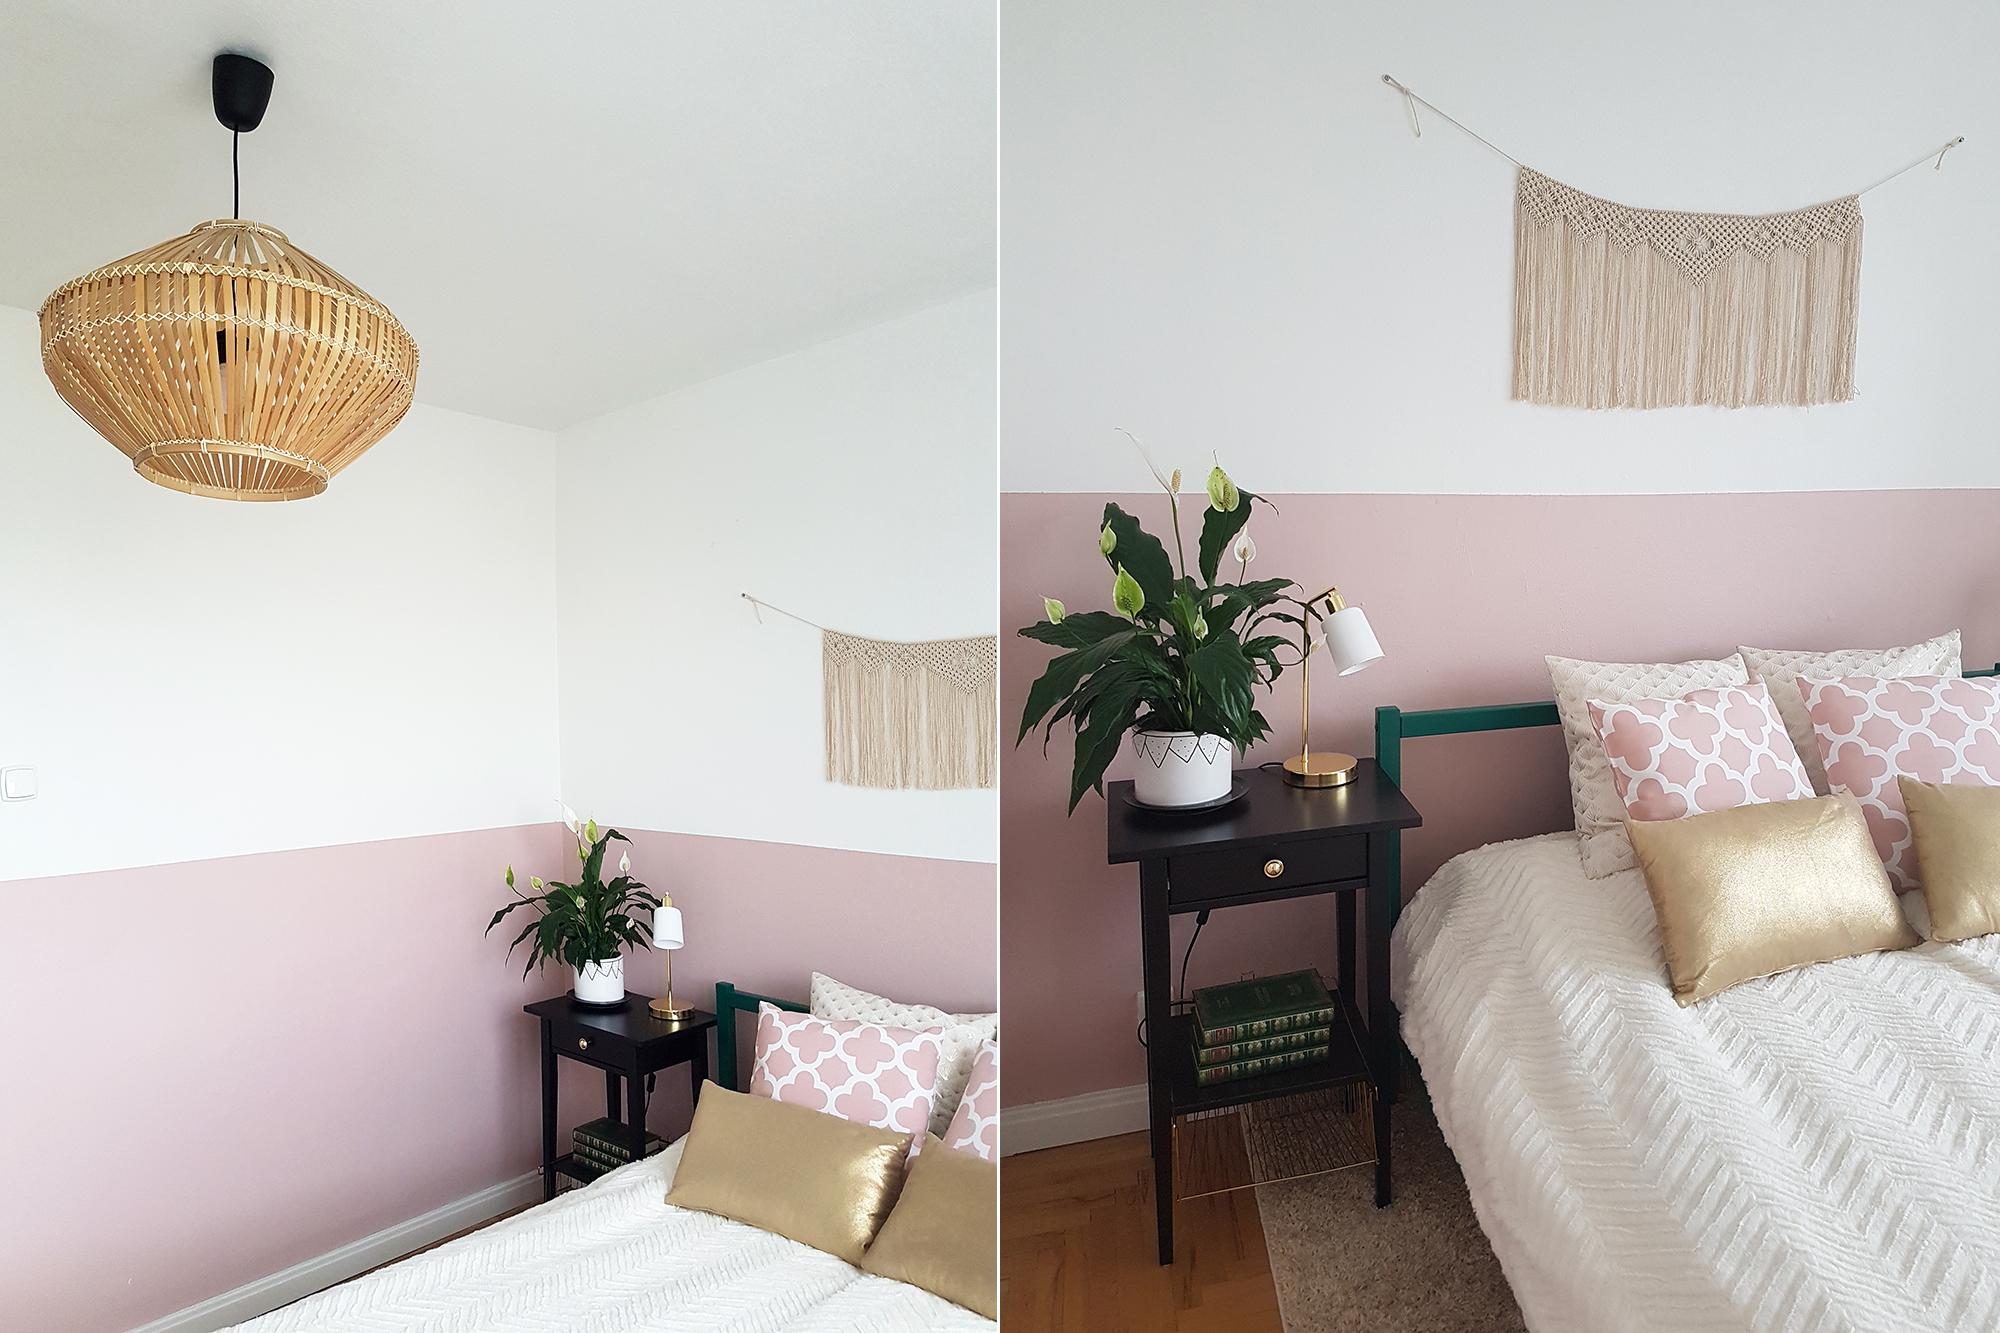 Metamorfoza Mojej Sypialni Zdjęcia Przed I Po Joanna Glogaza